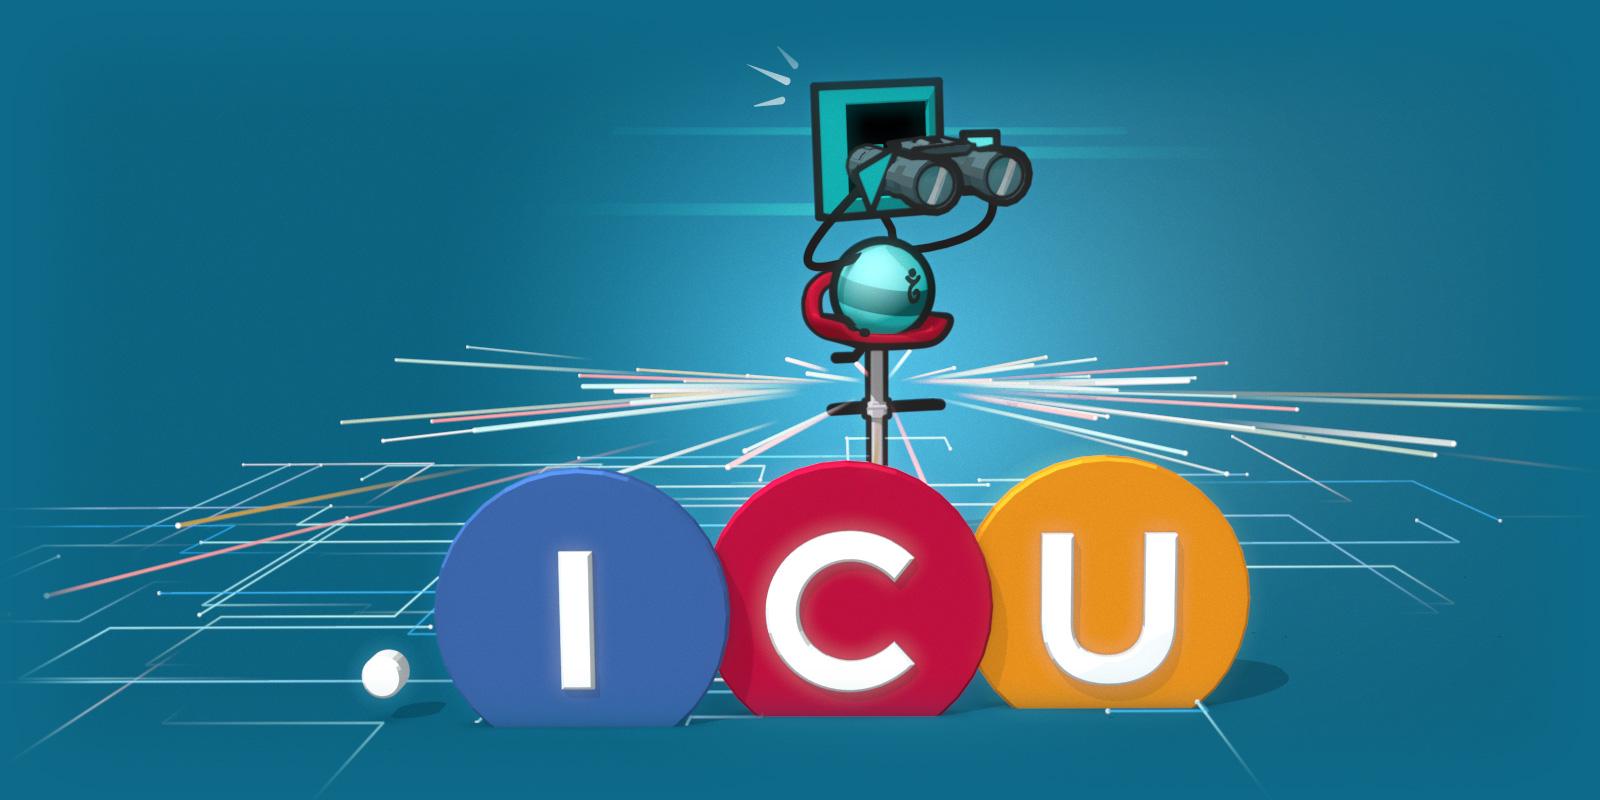 Les domaines en .ICU passent en ouverture générale